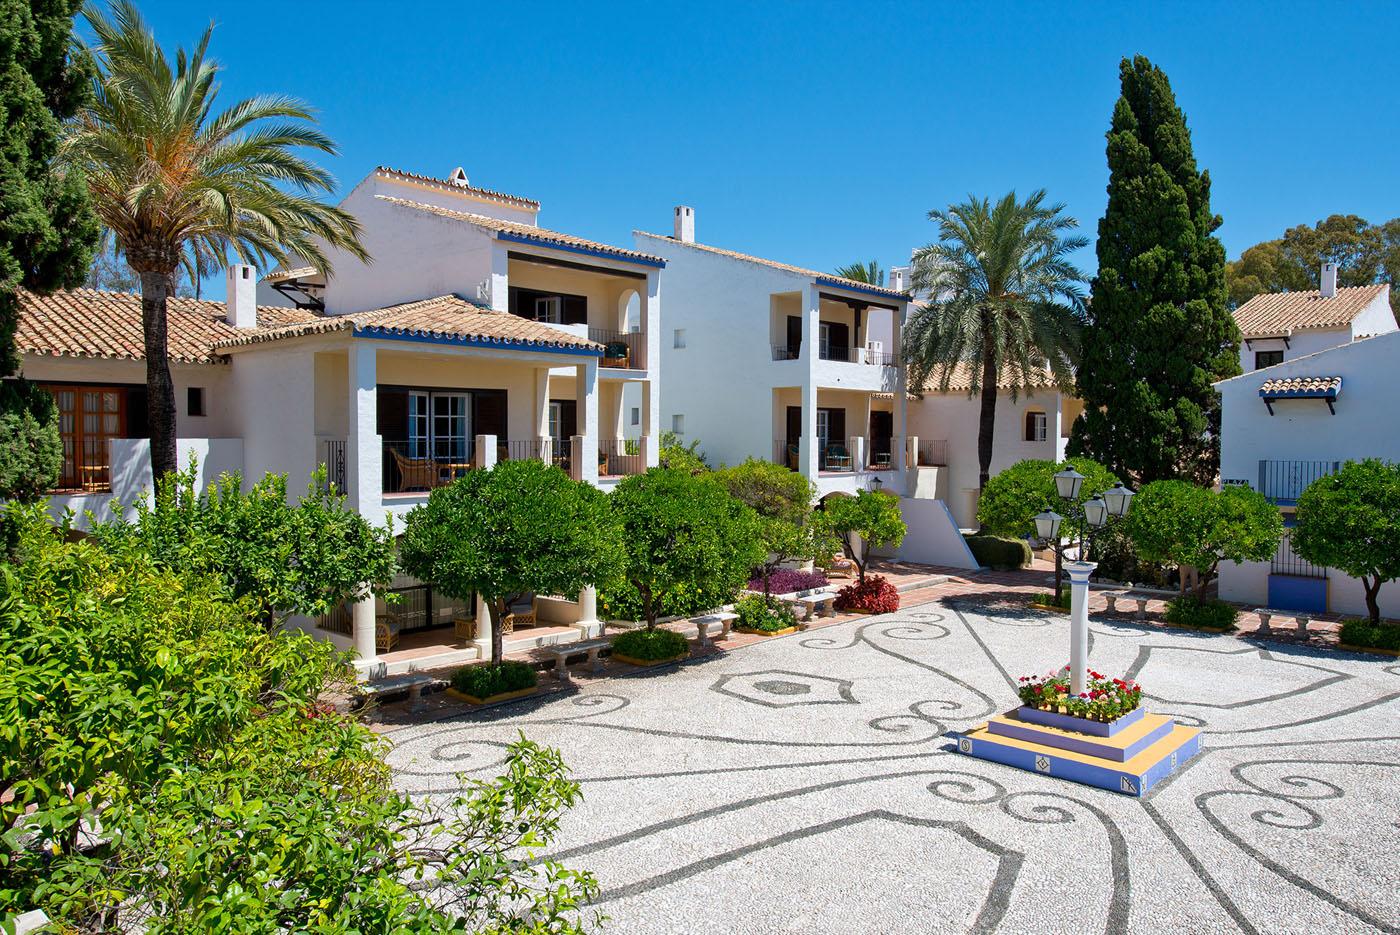 hotel-blue-bay-banus-adolfo-gosalvez-hoteles-panoramicos